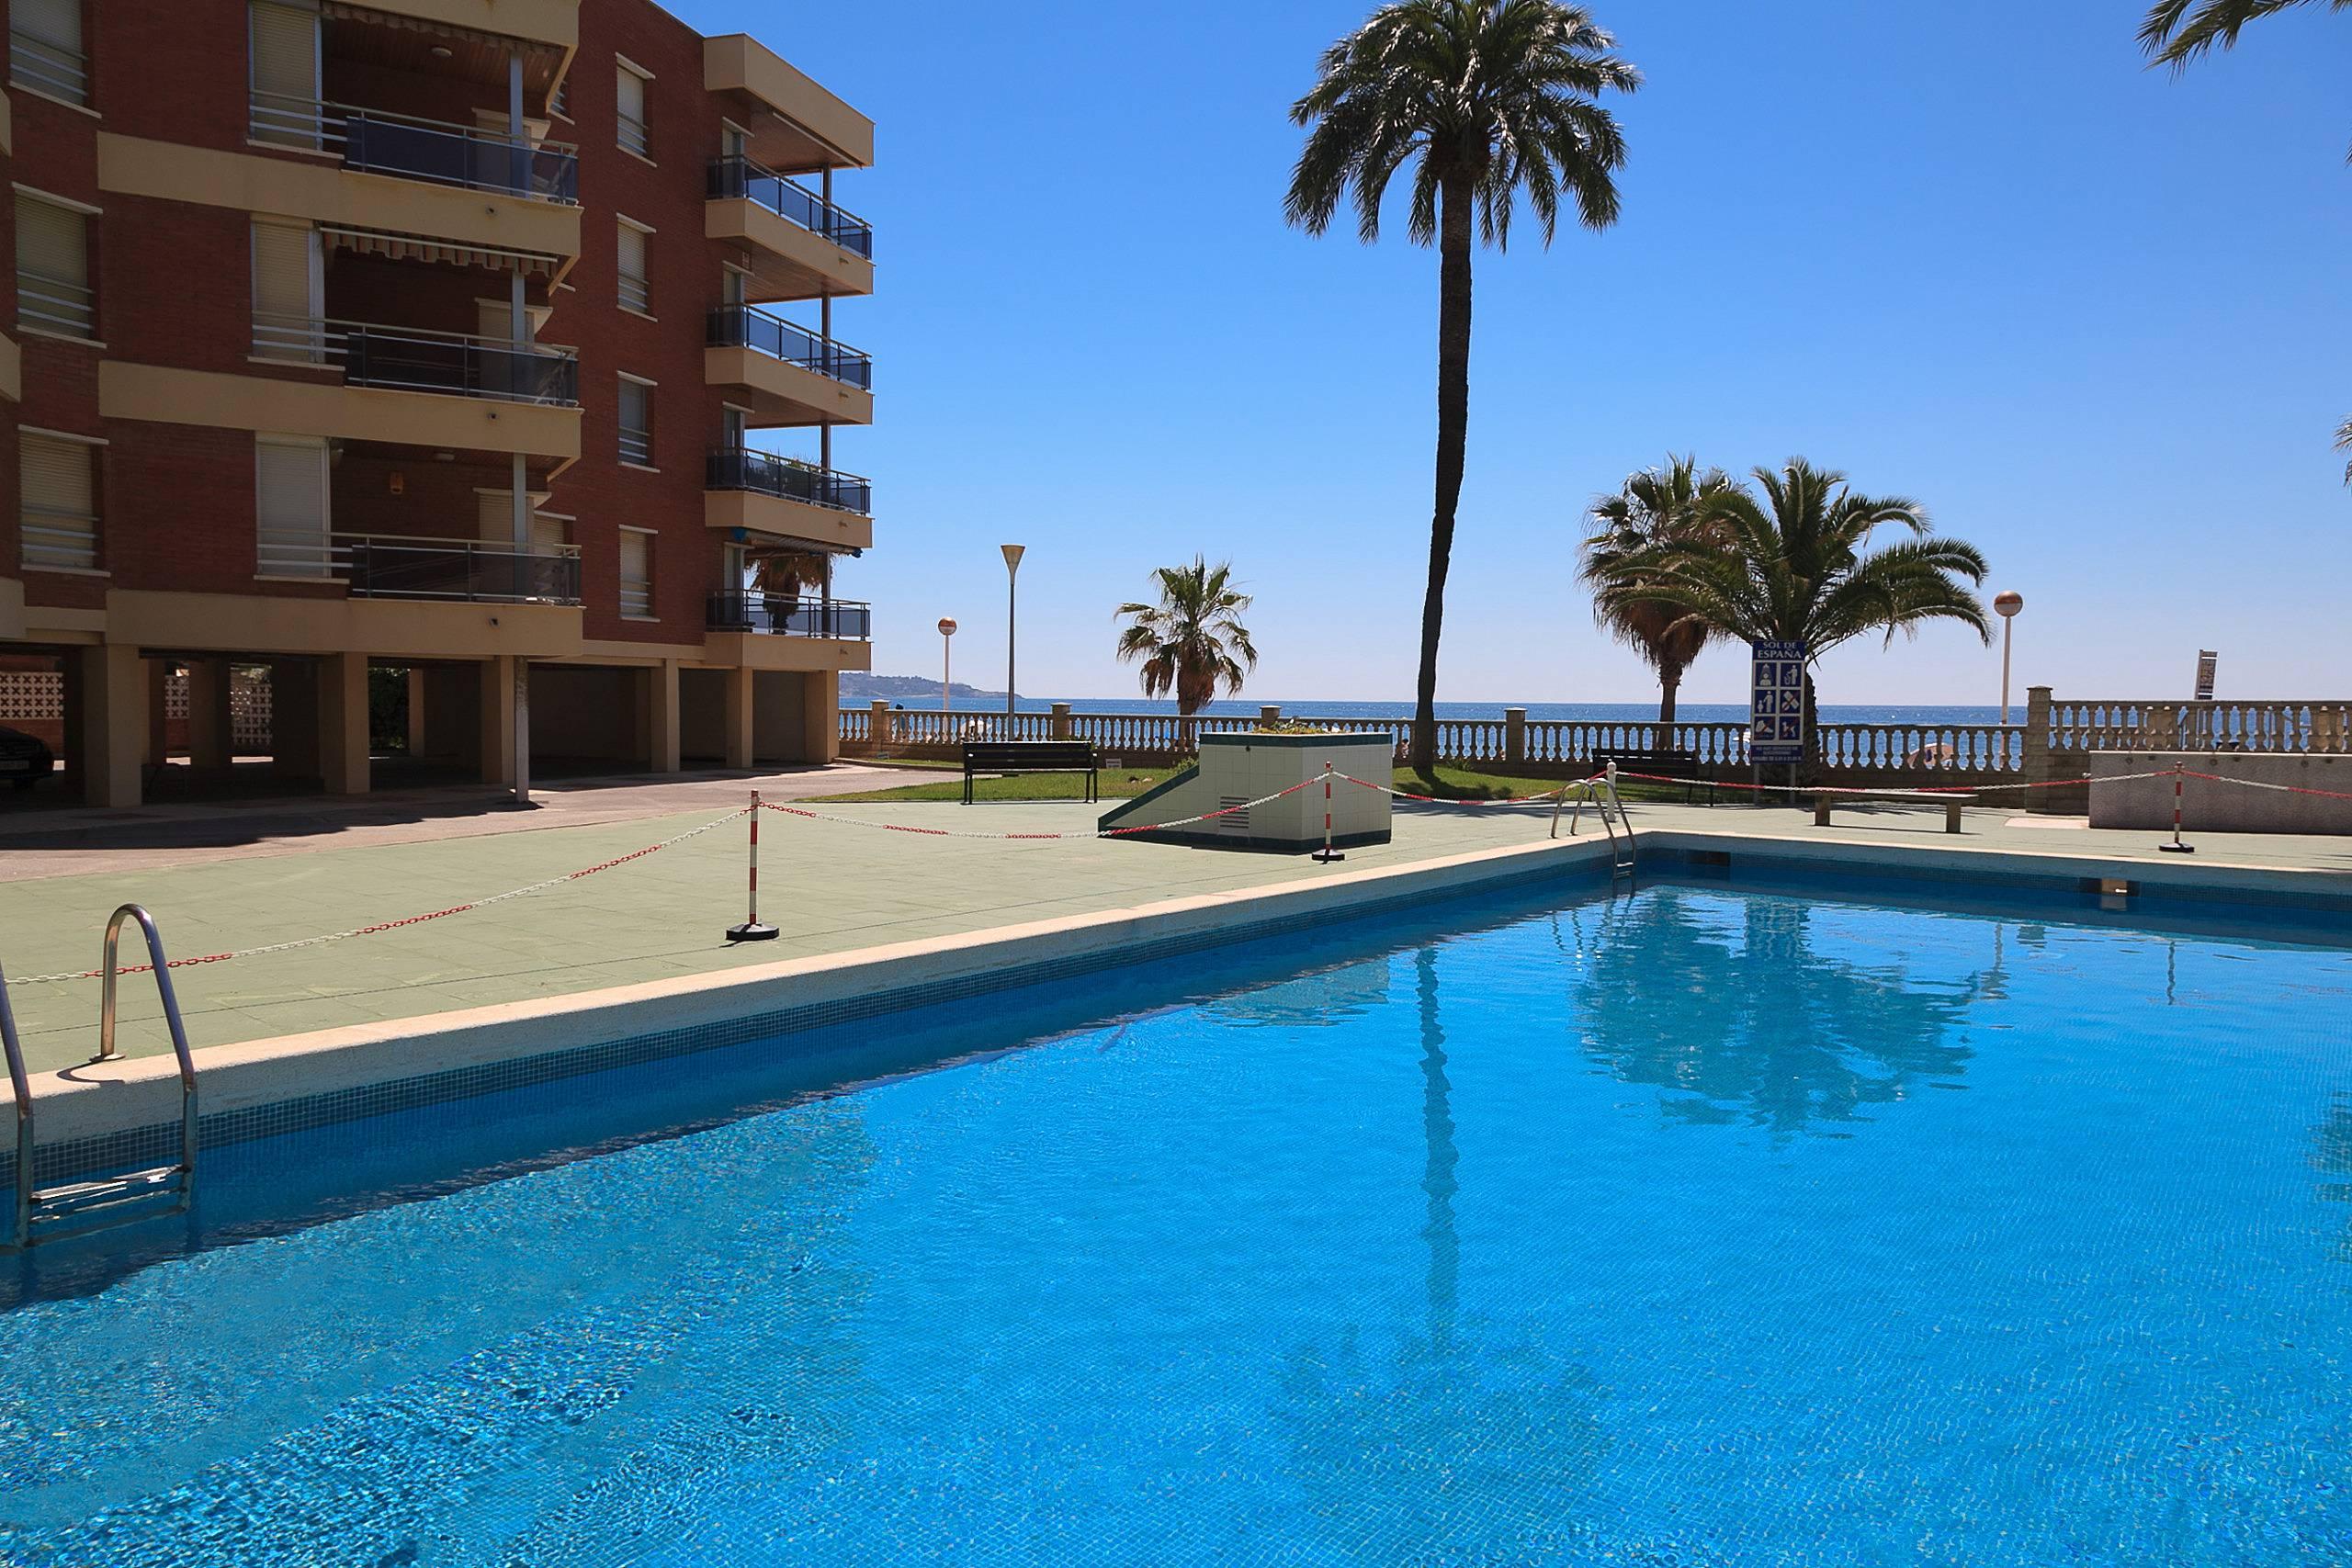 Alquiler apartamento sol de espa a en cambrils costa dorada vilafortuny cambrils tarragona - Apartamentos de alquiler en cambrils ...